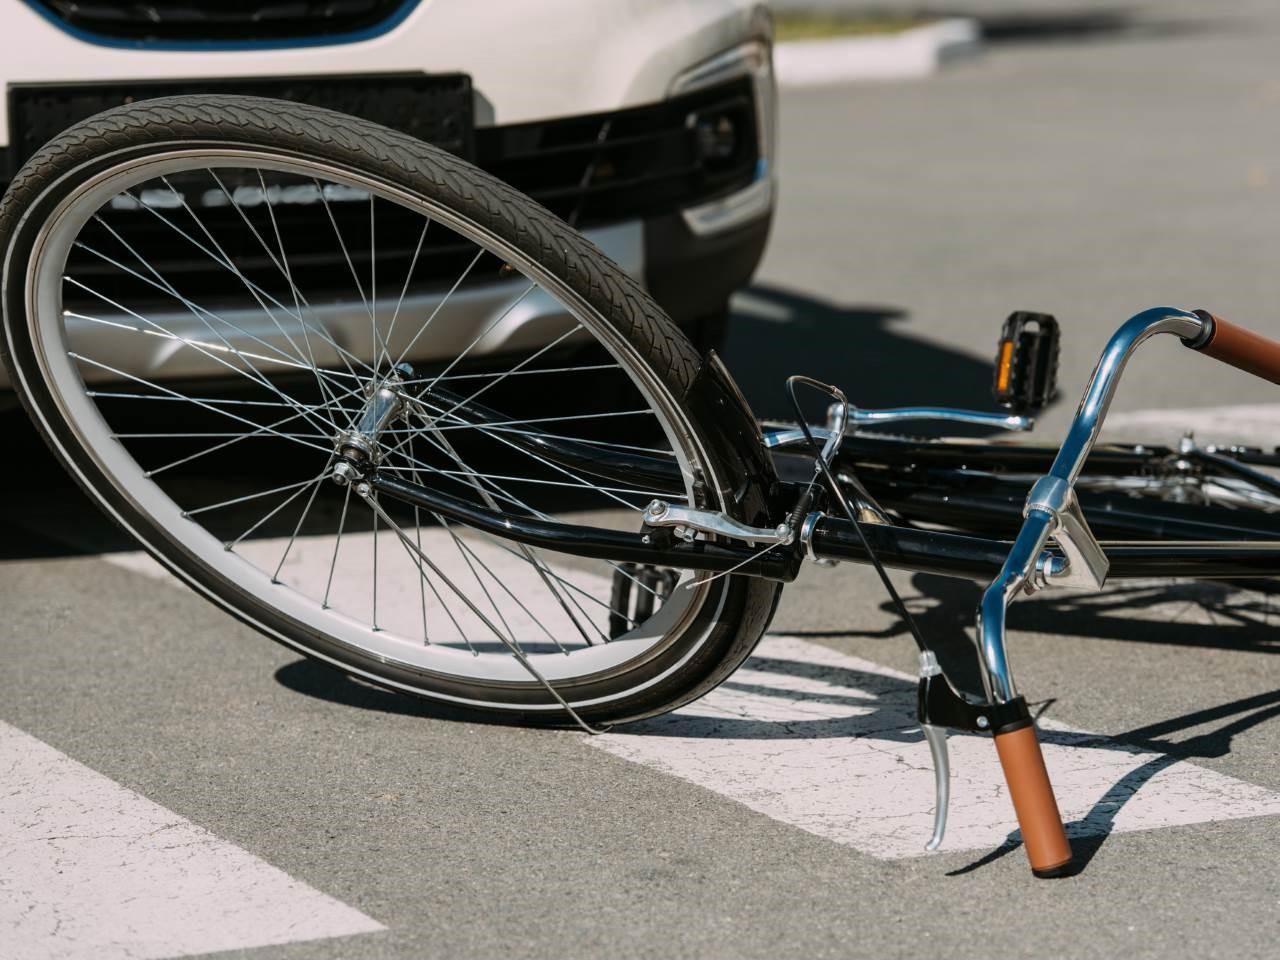 fahrrad-liegt-nach-unfall-am-boden